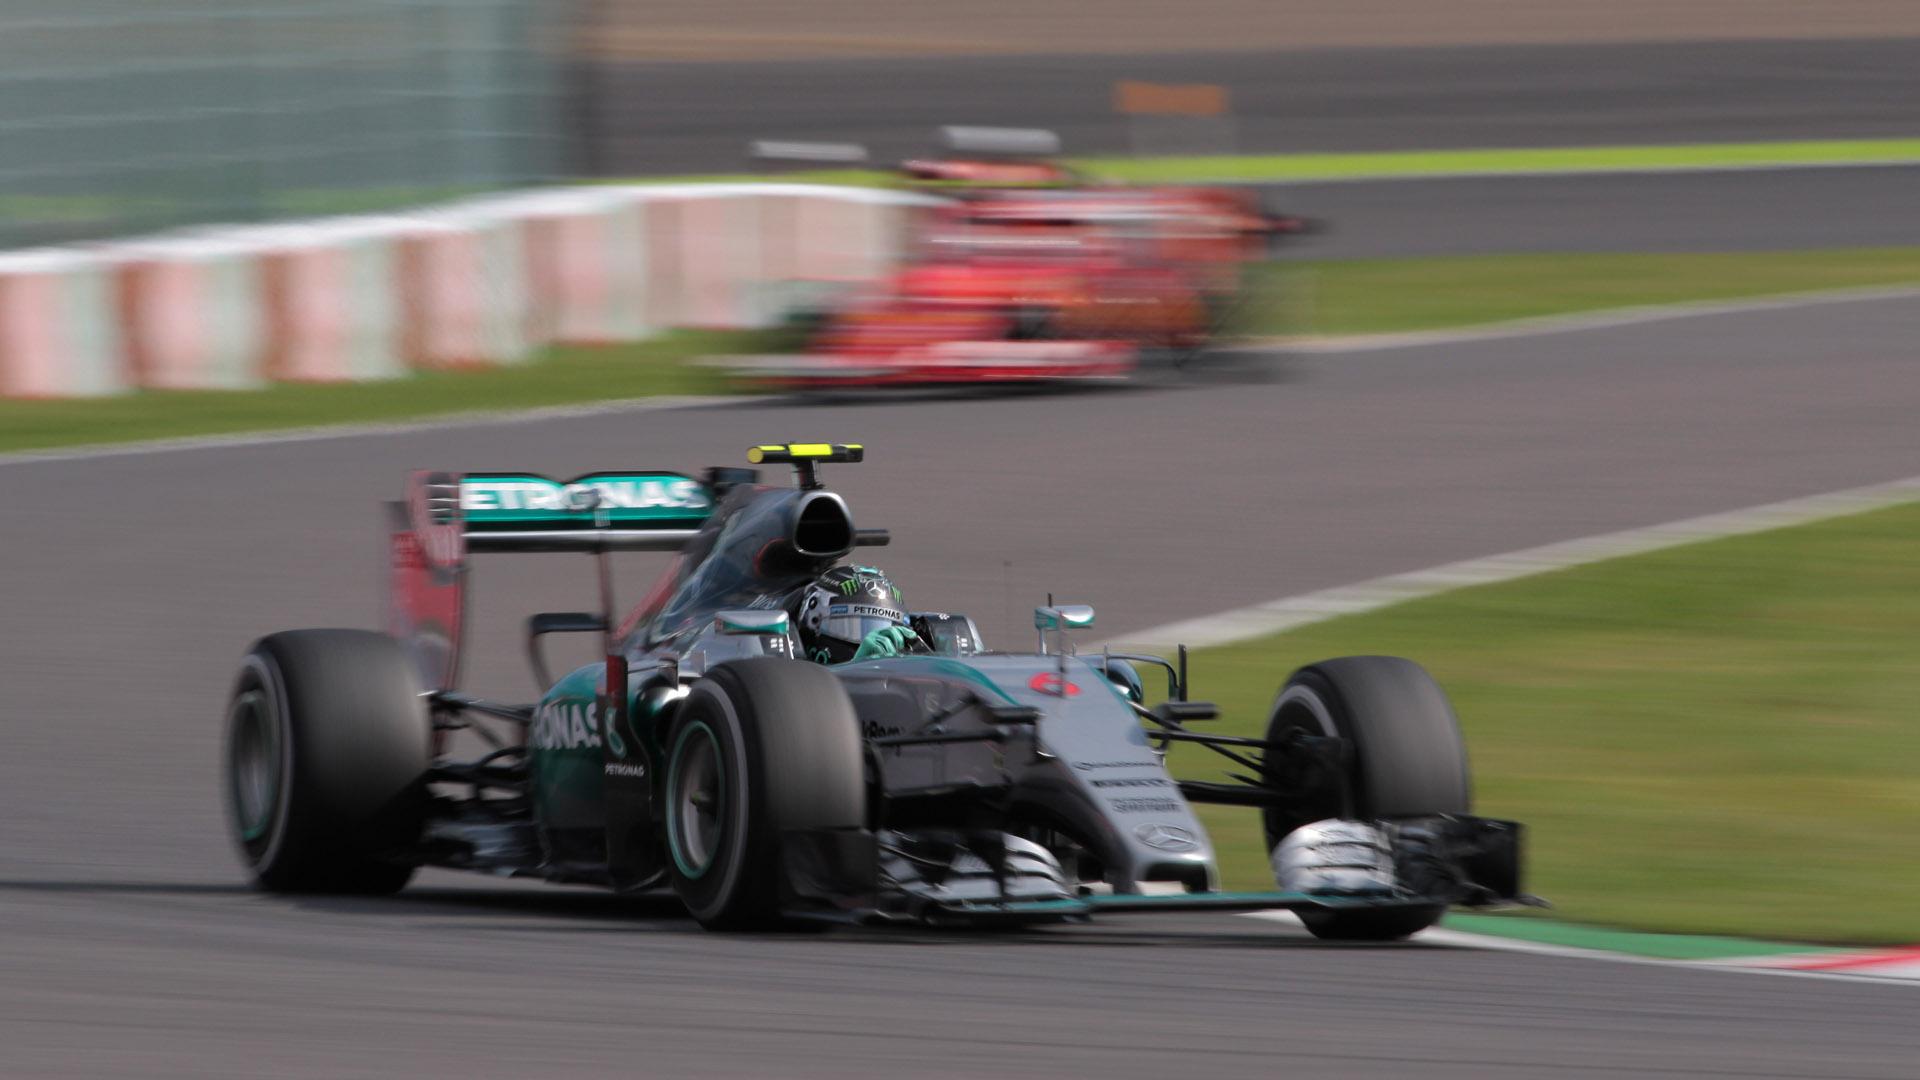 流し撮りでヘルメットを止め、背景に運よくフェラーリと、条件が揃った写真